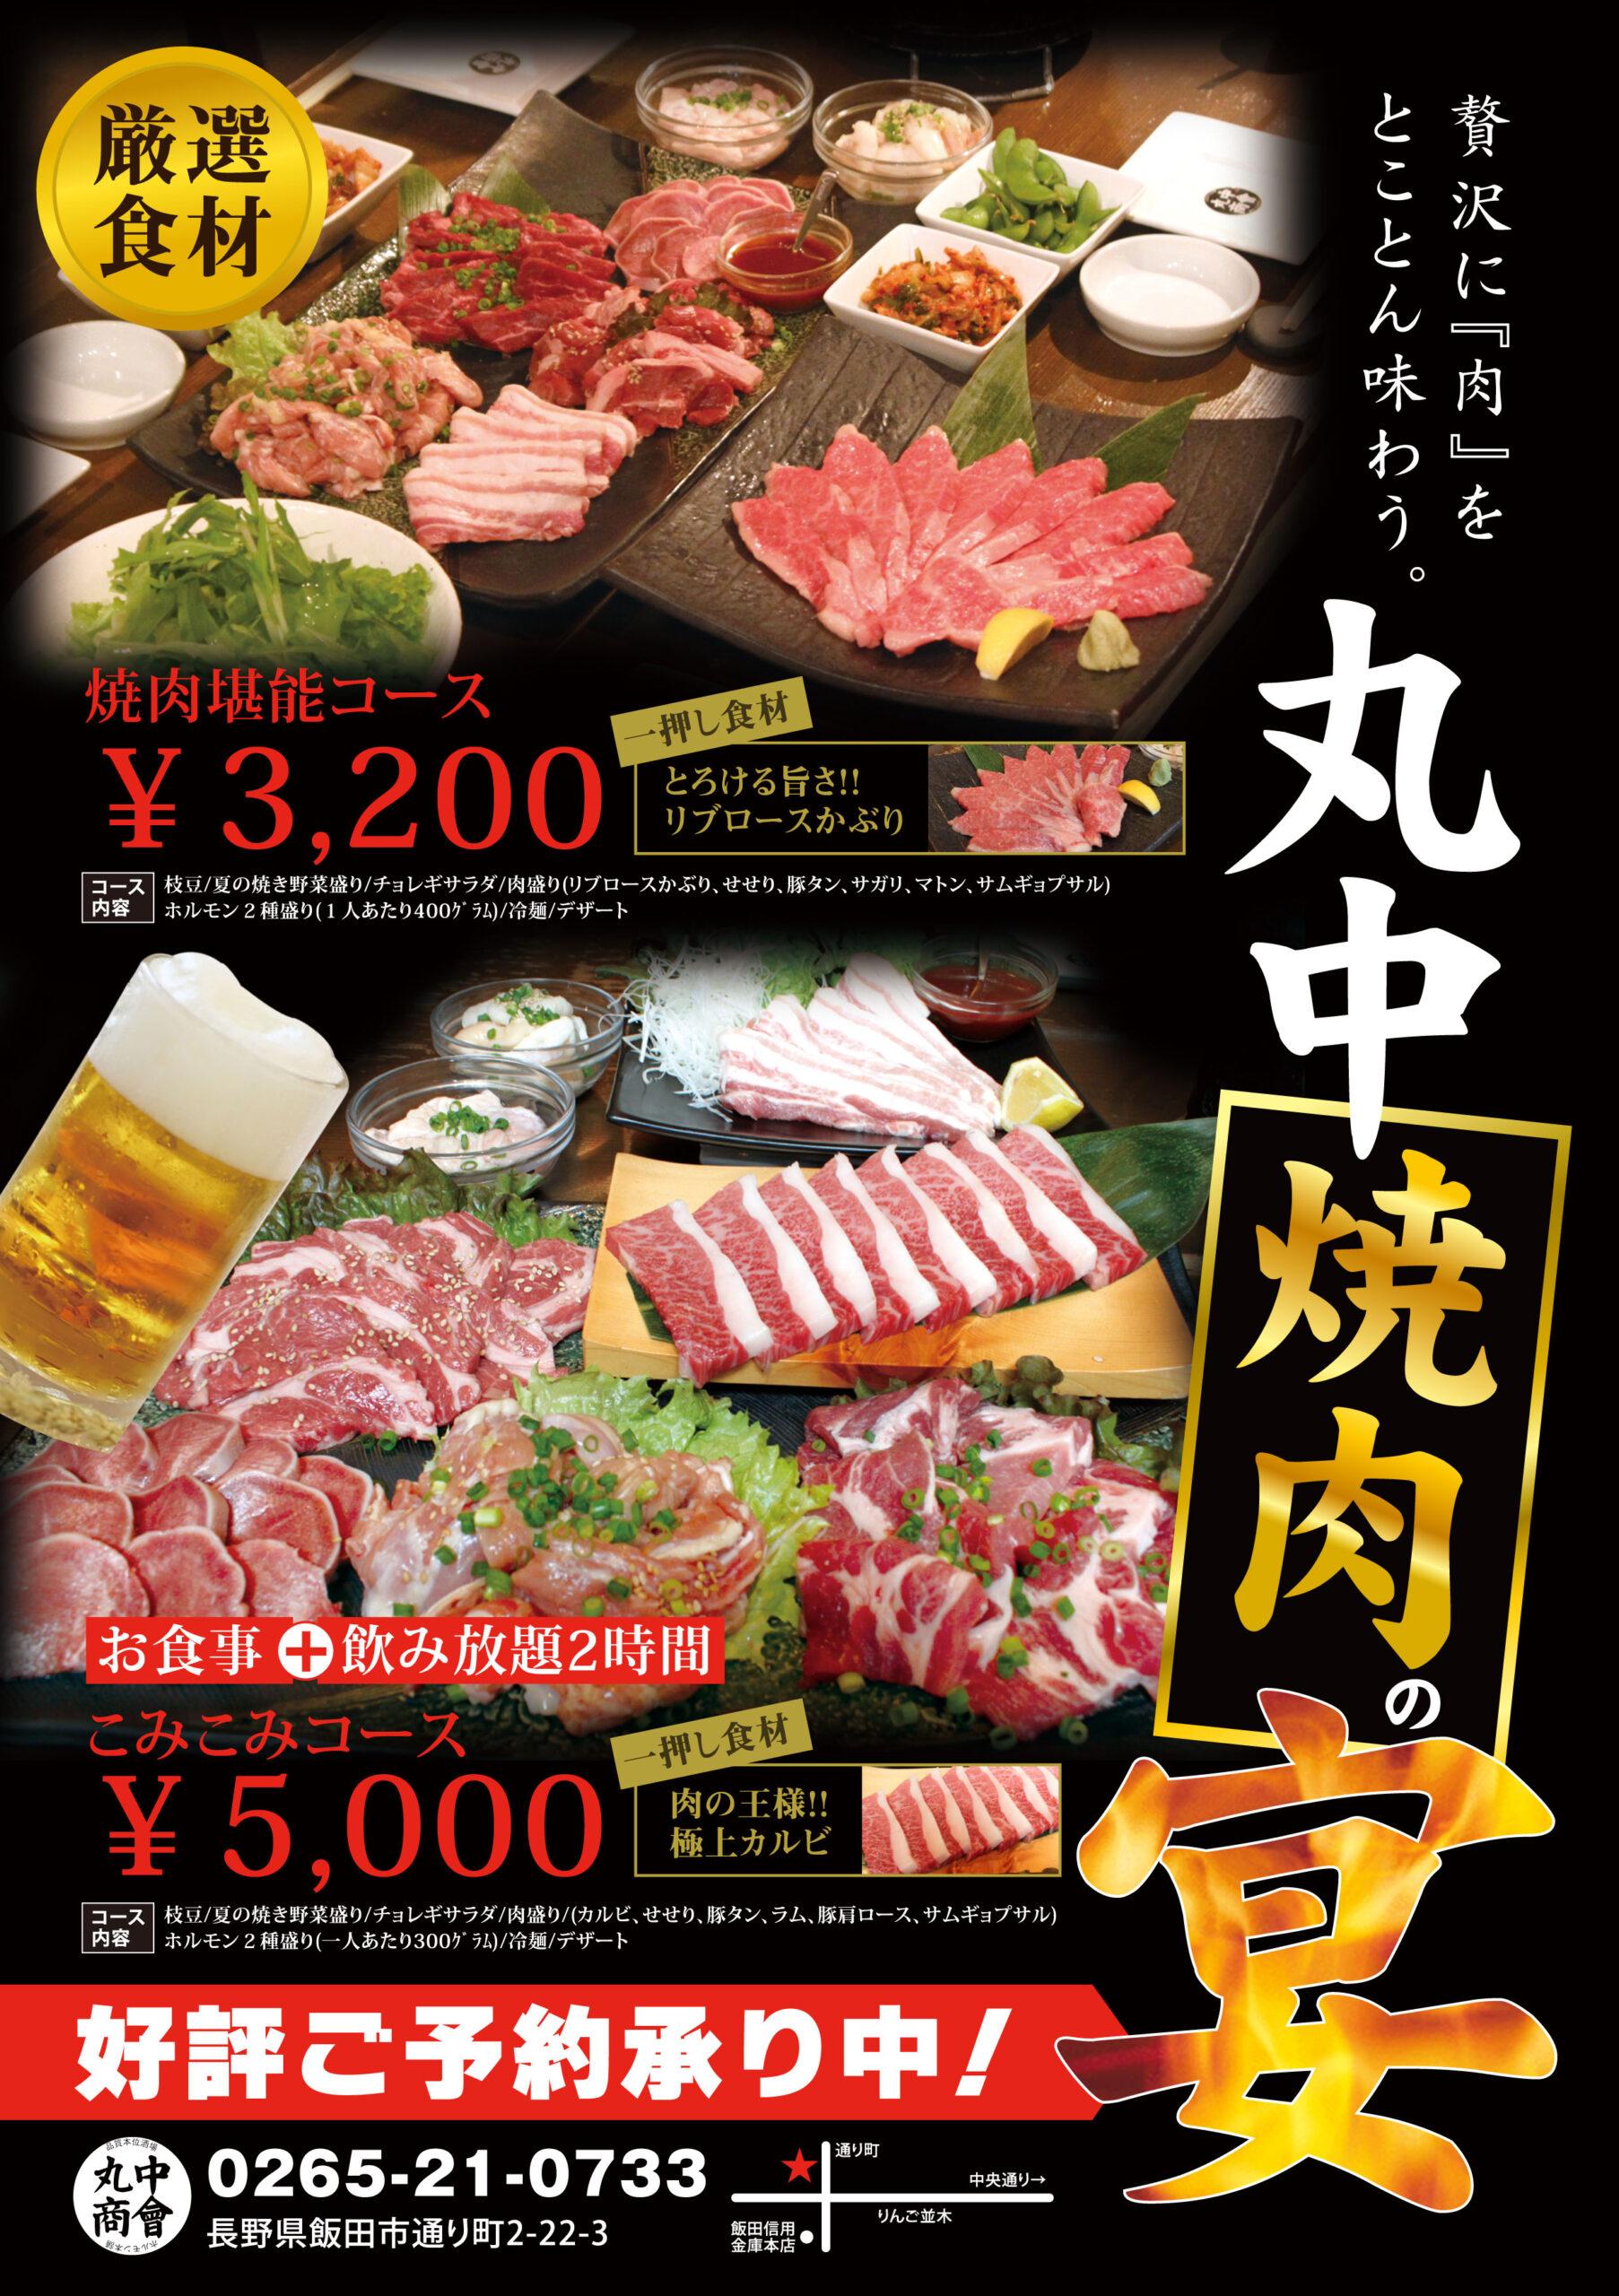 チラシ制作 焼肉店(飯田市)